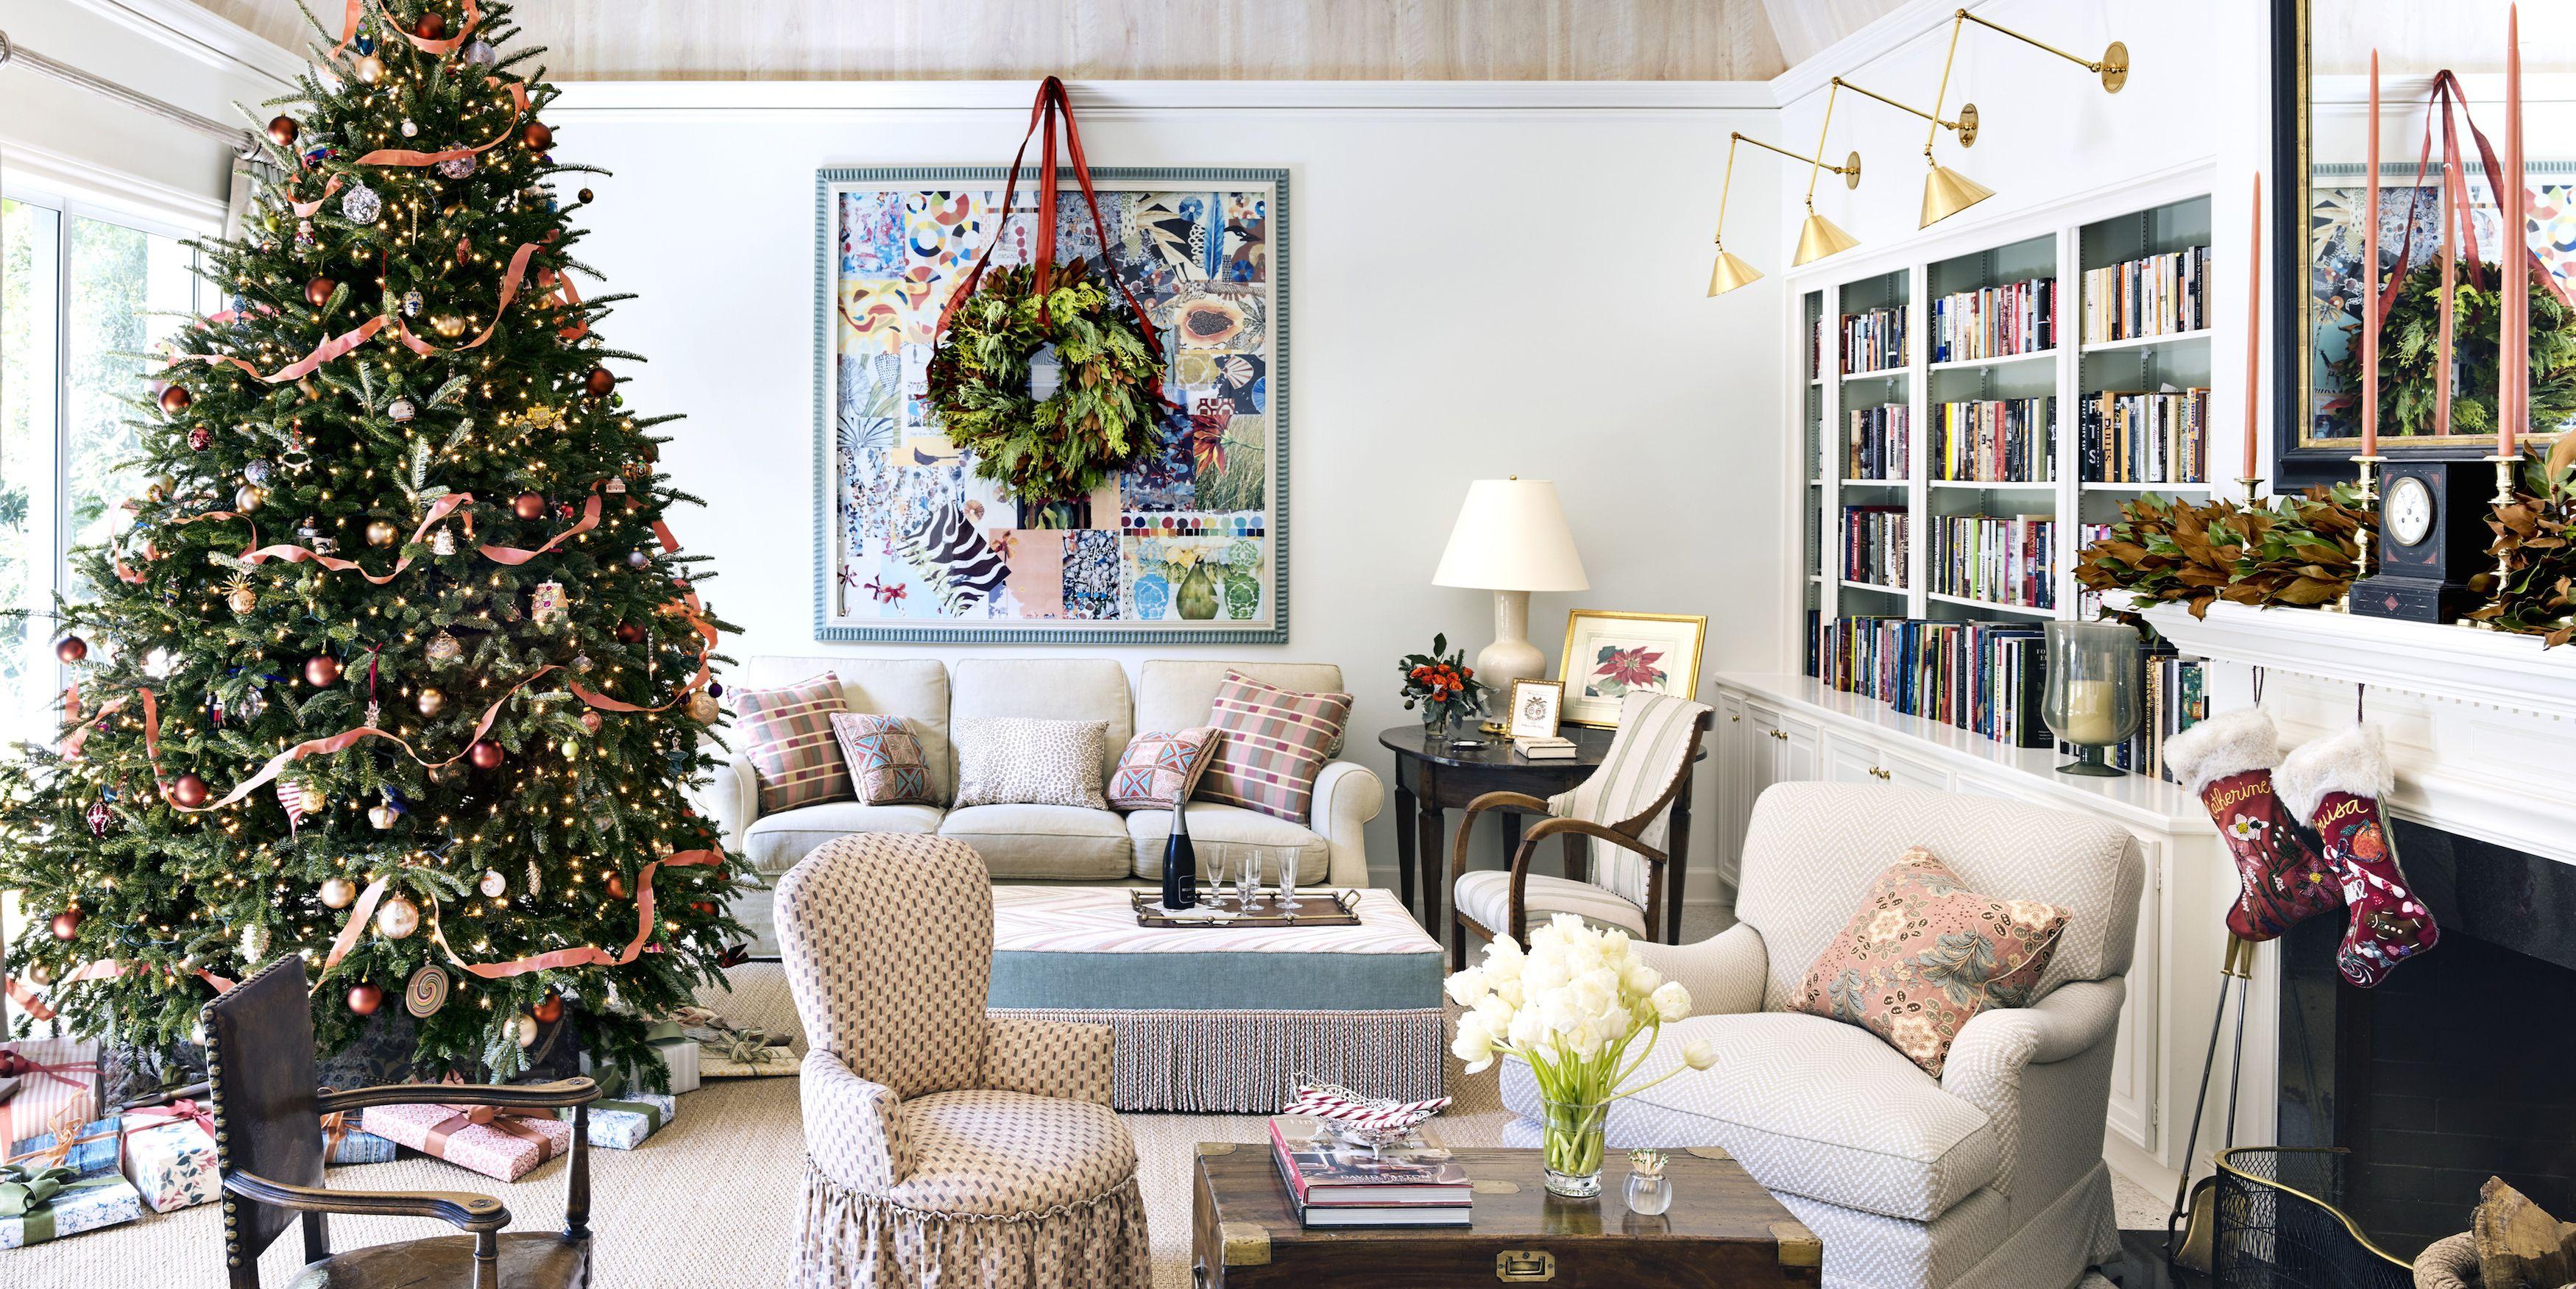 Catherine olasky christmas tree